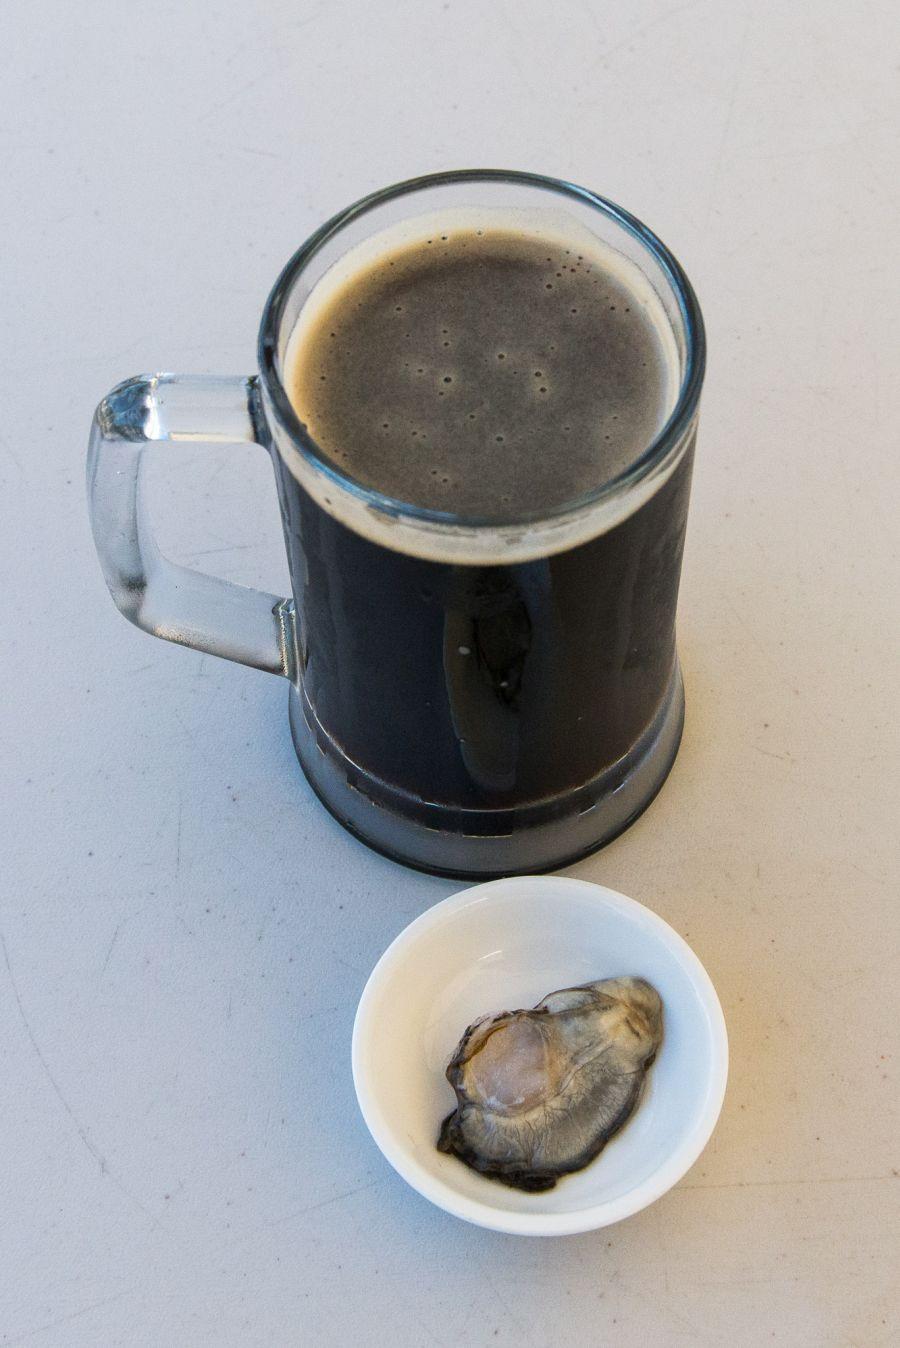 Drunken oyster - Onetangi dark ale